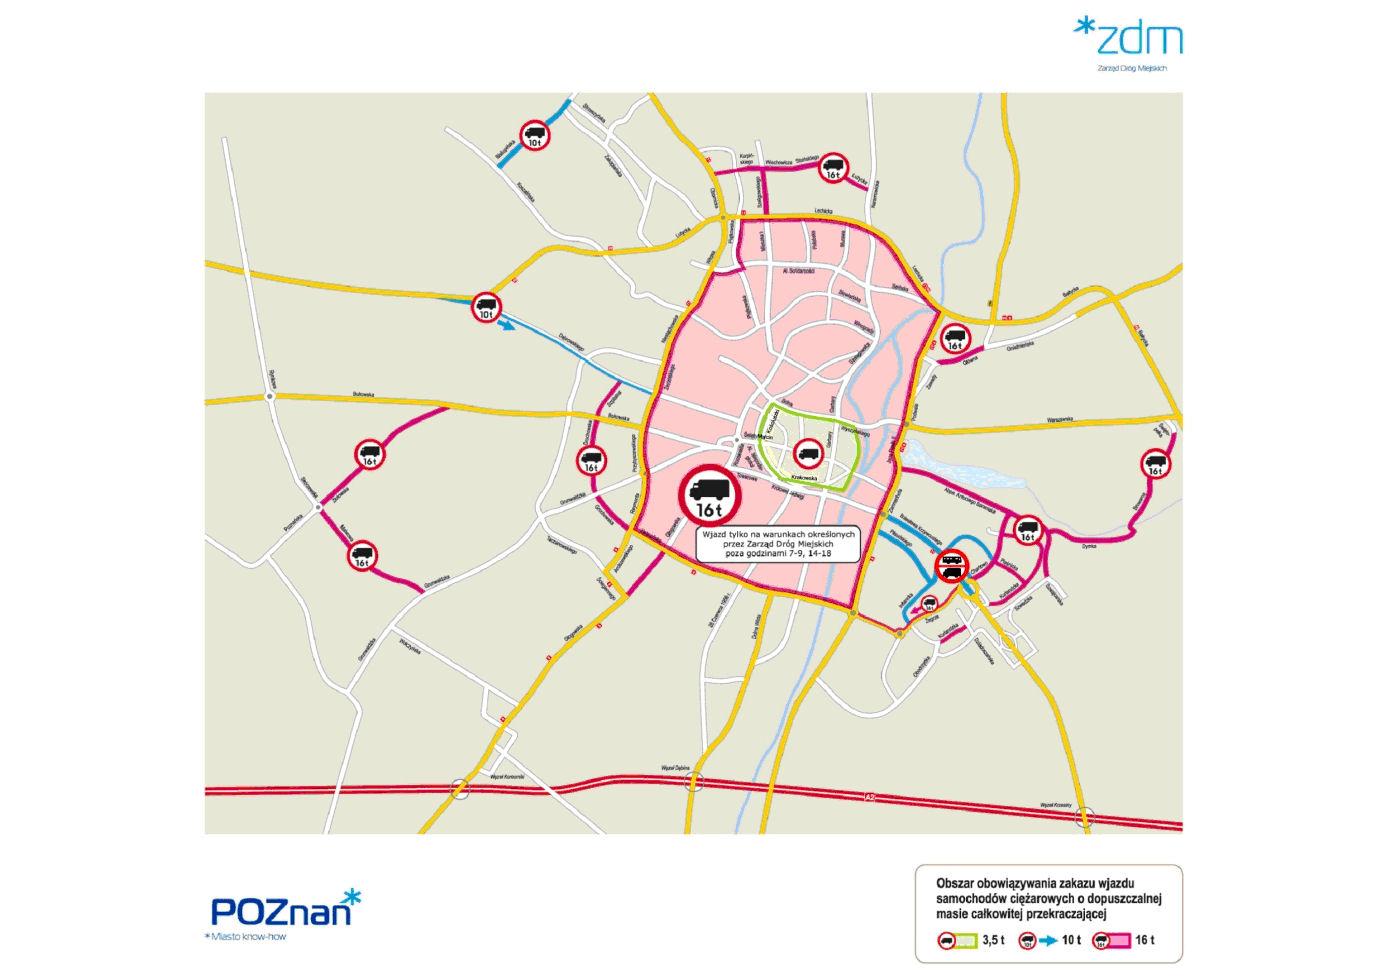 Mapa Poznan